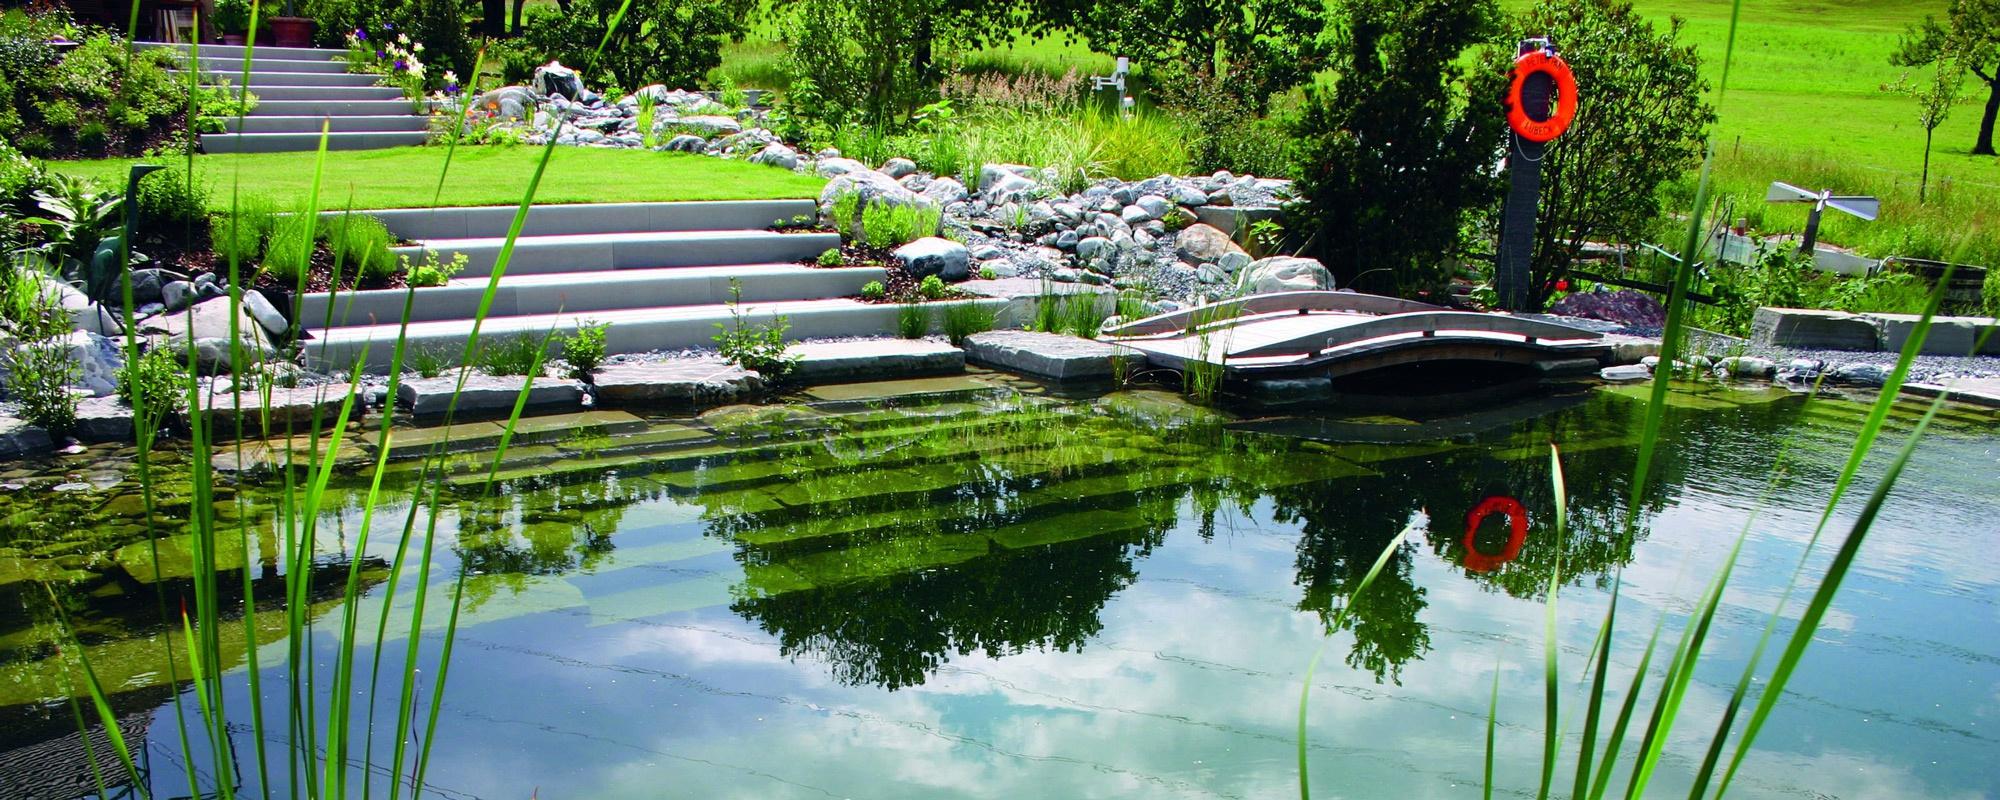 Construire Son Bassin De Jardin tout sur la piscine écologique et la piscine naturelle